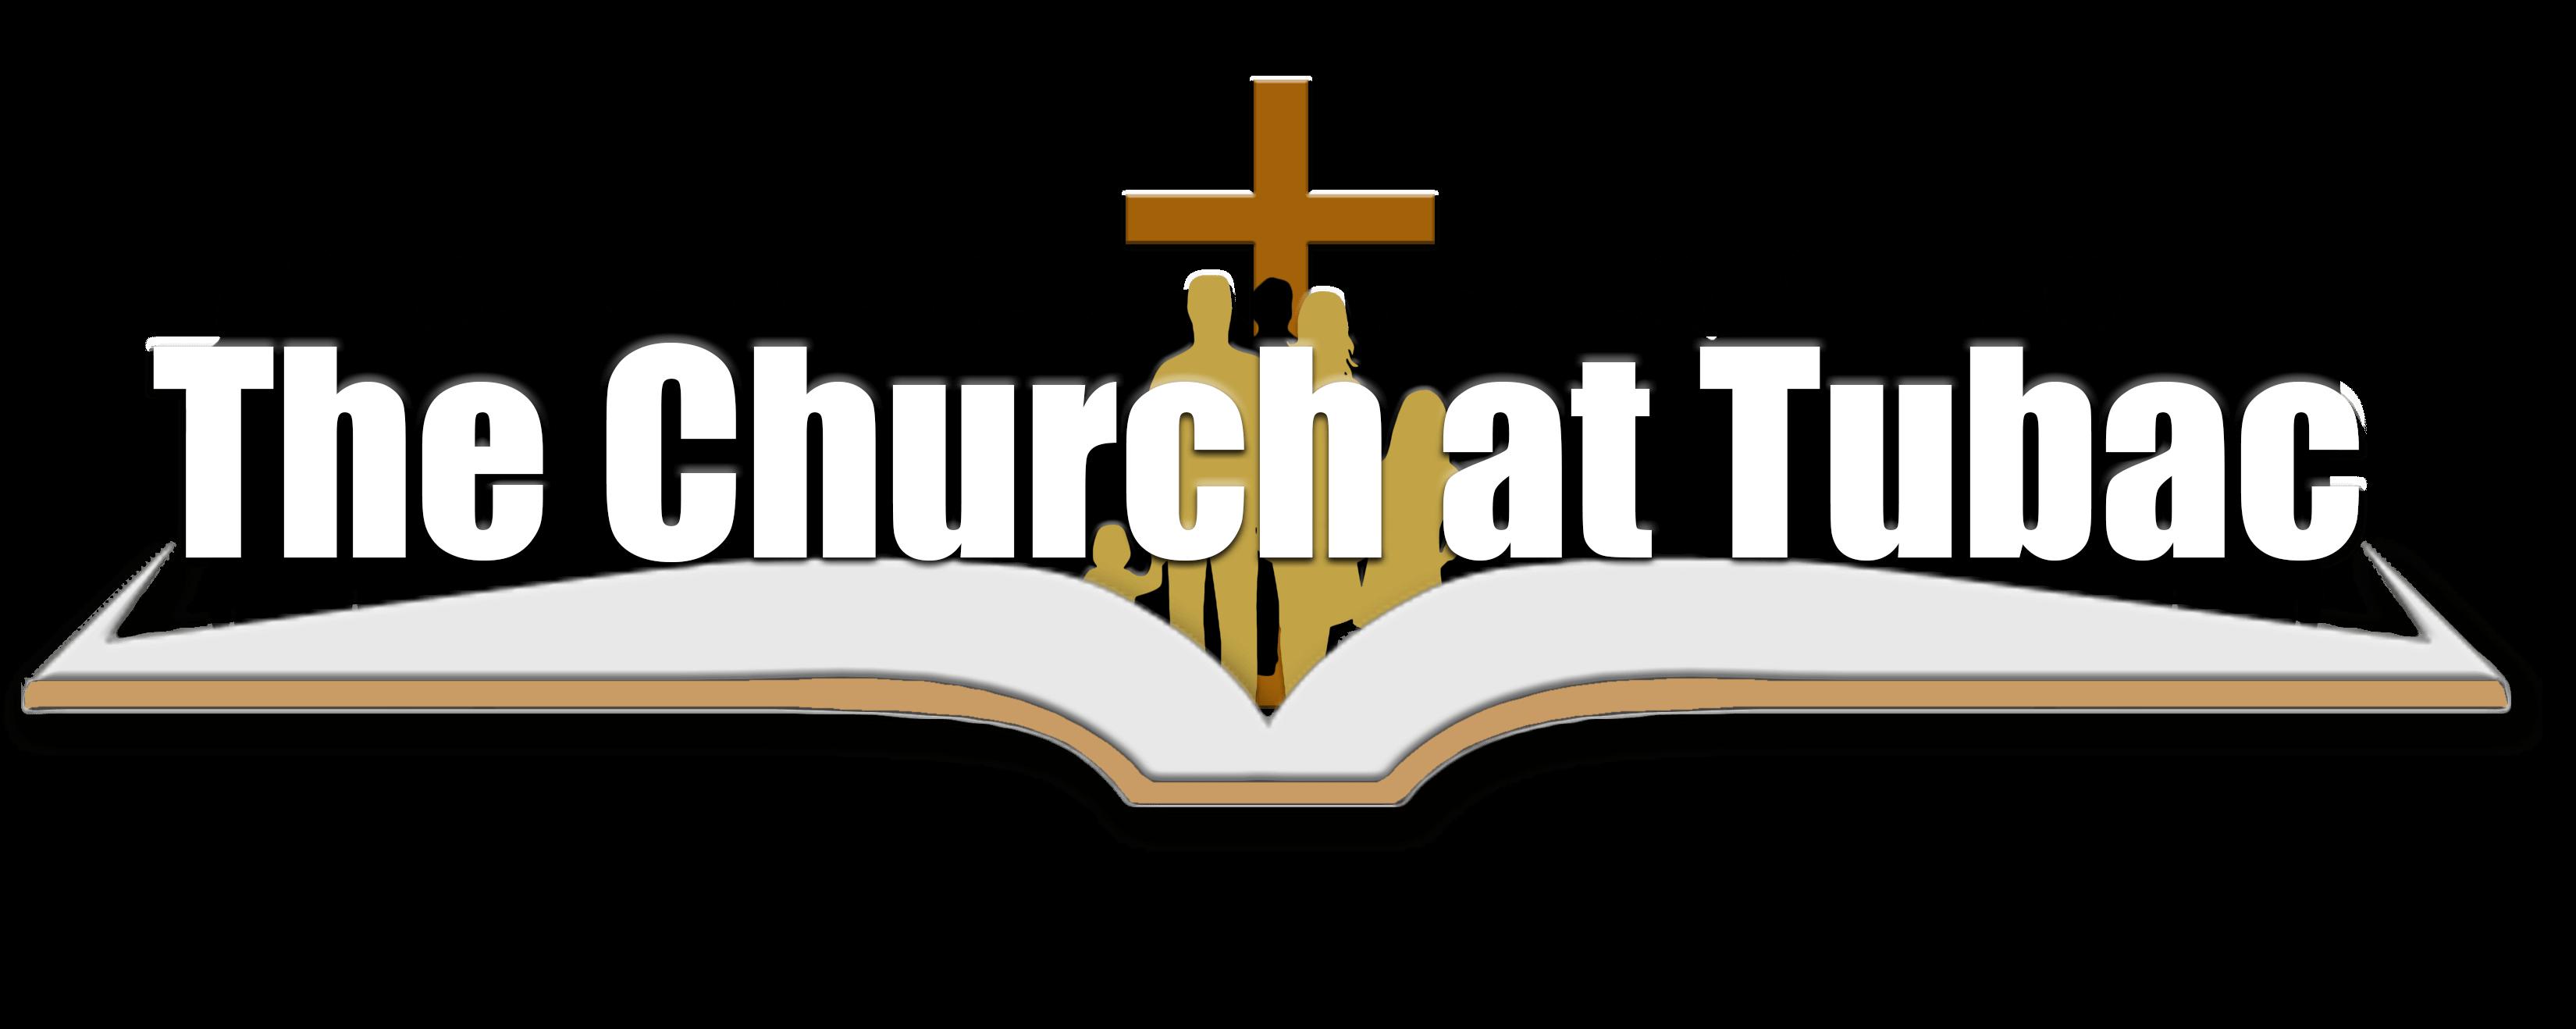 www.churchattubac.com